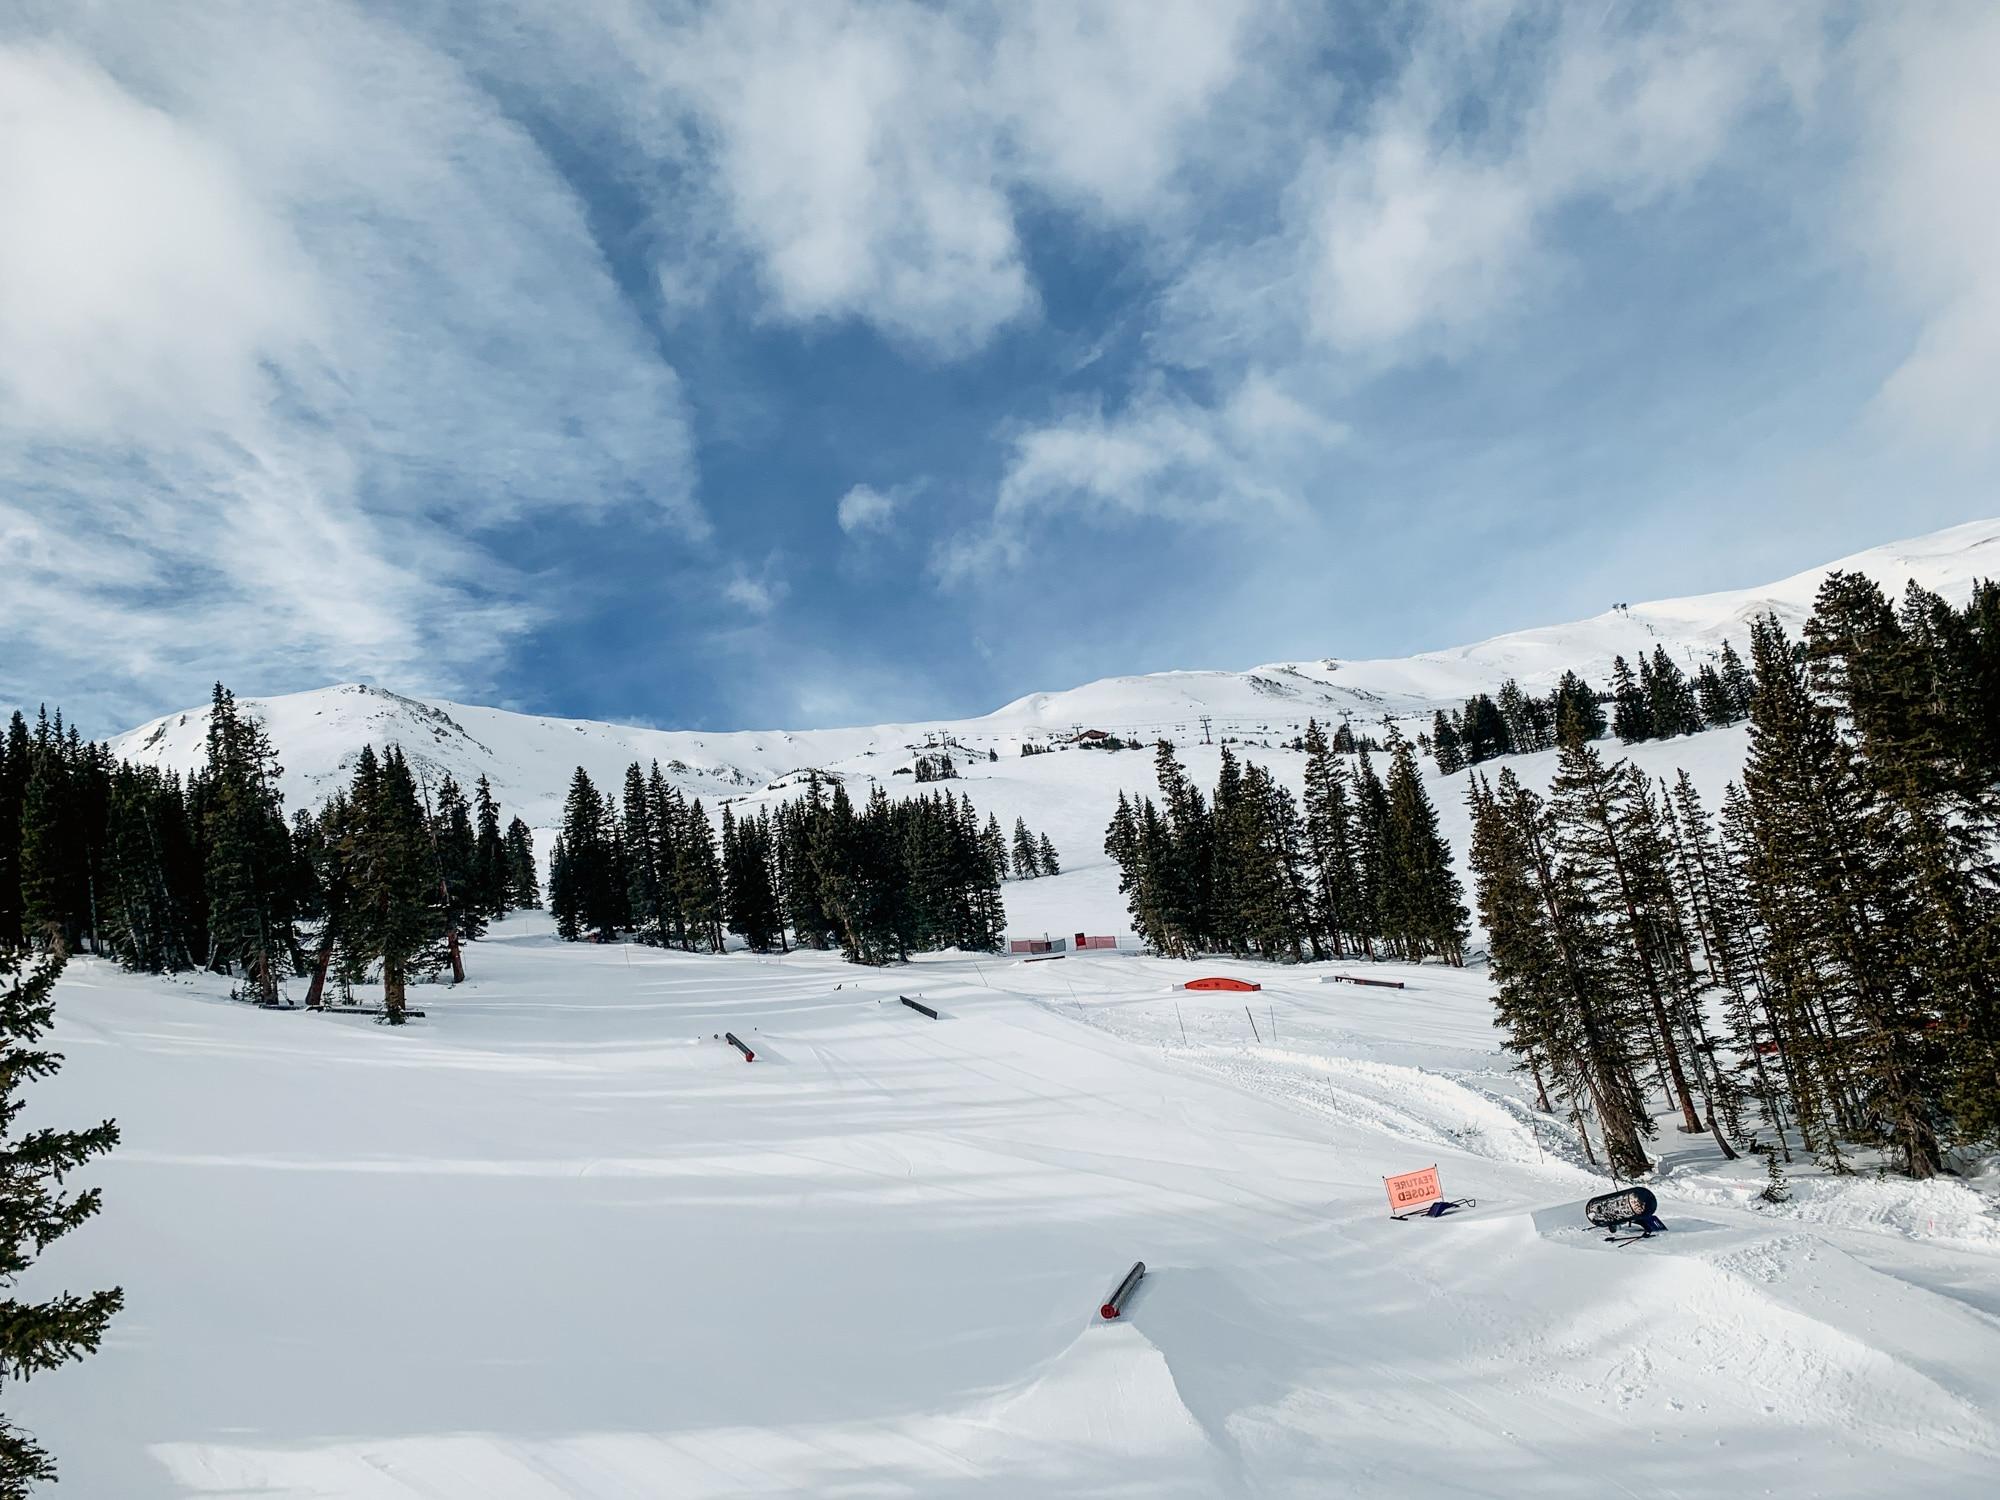 Loveland: Günstig Skifahren in den Rocky Mountains - meine Tipps